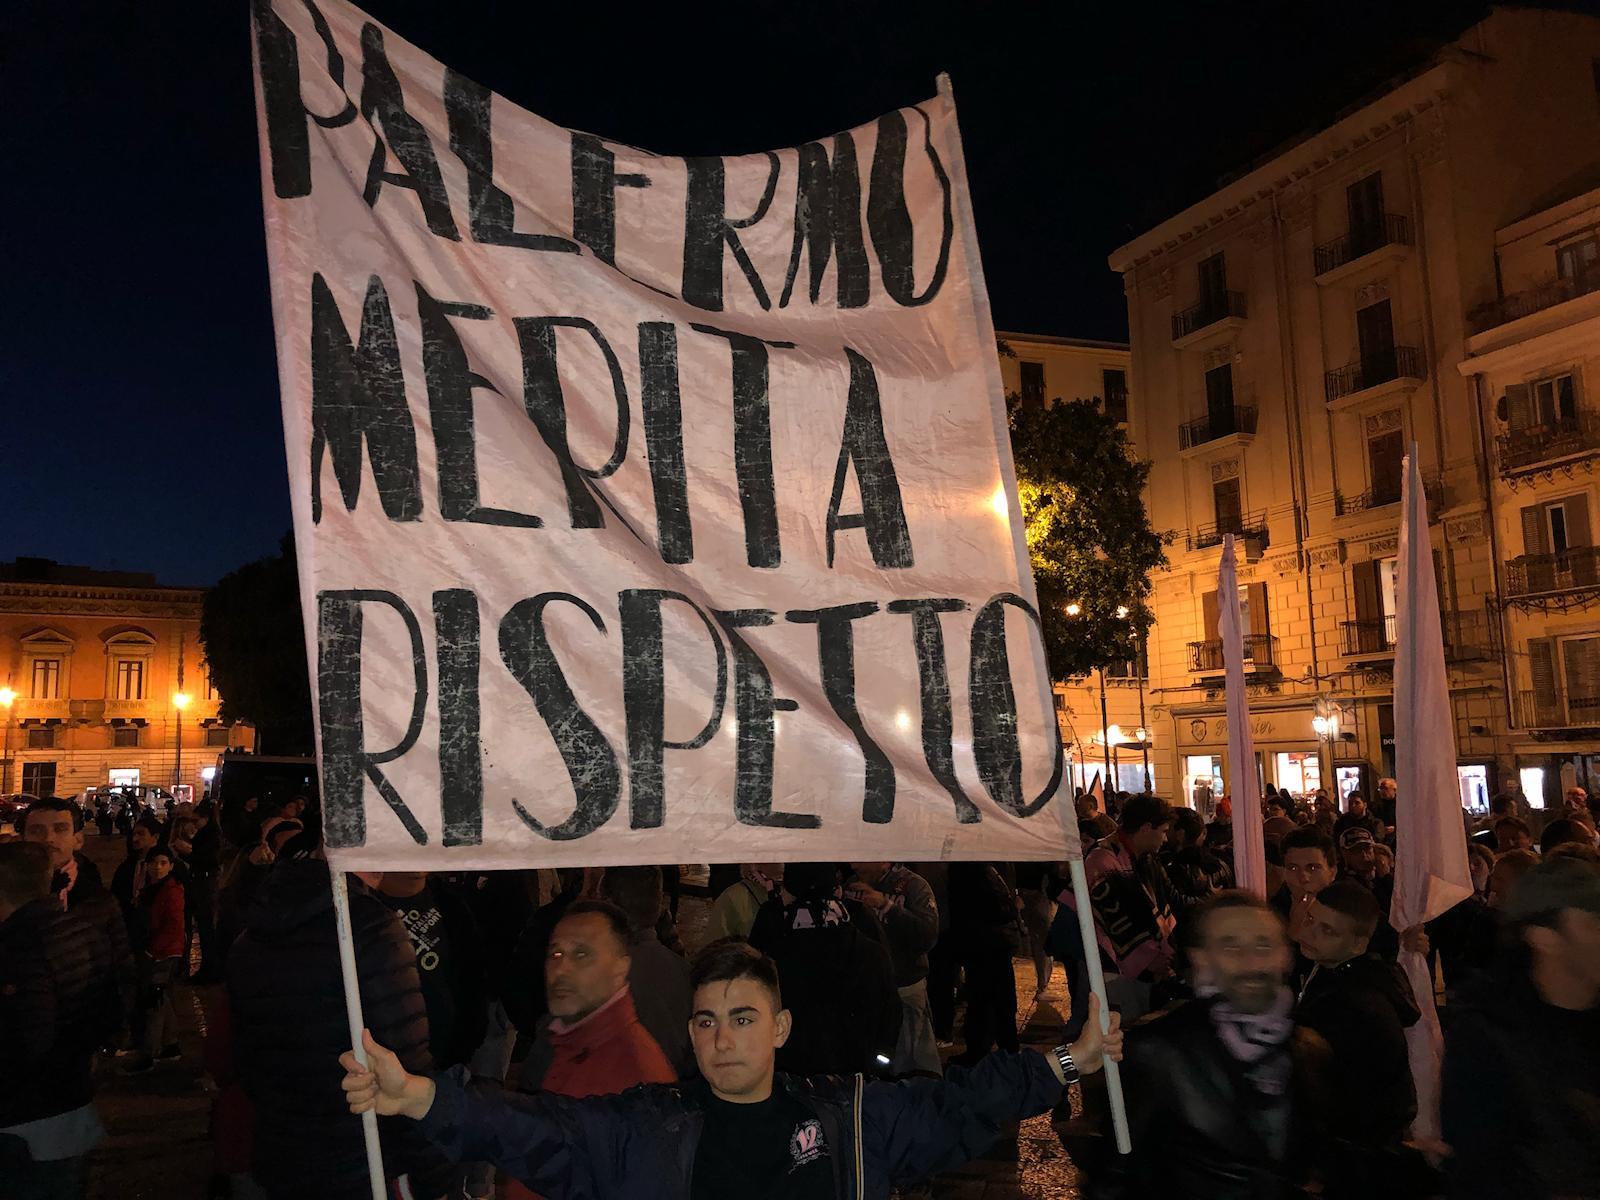 Palermo Calcio, pronto il bando per il nuovo club: i rosanero ripartiranno dalla D